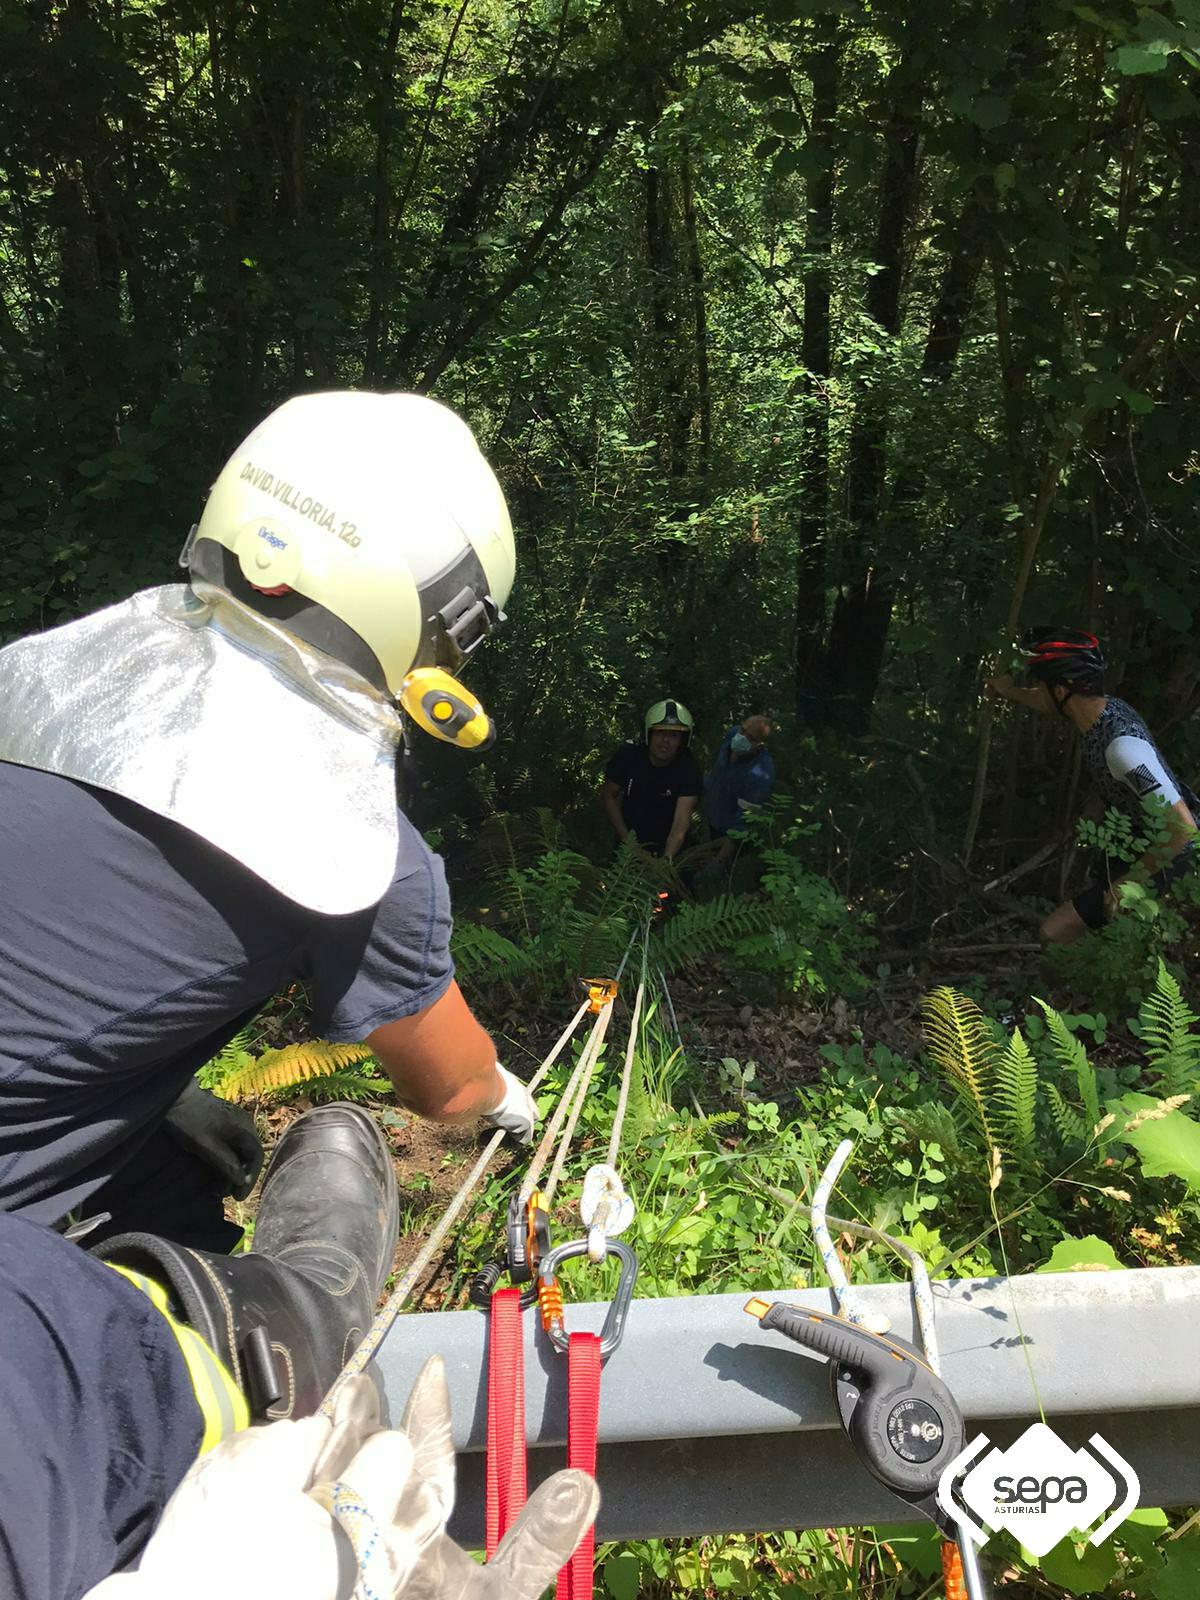 Un ciclista herido al precipitarse por un desnivel de 20 metros y difícil acceso